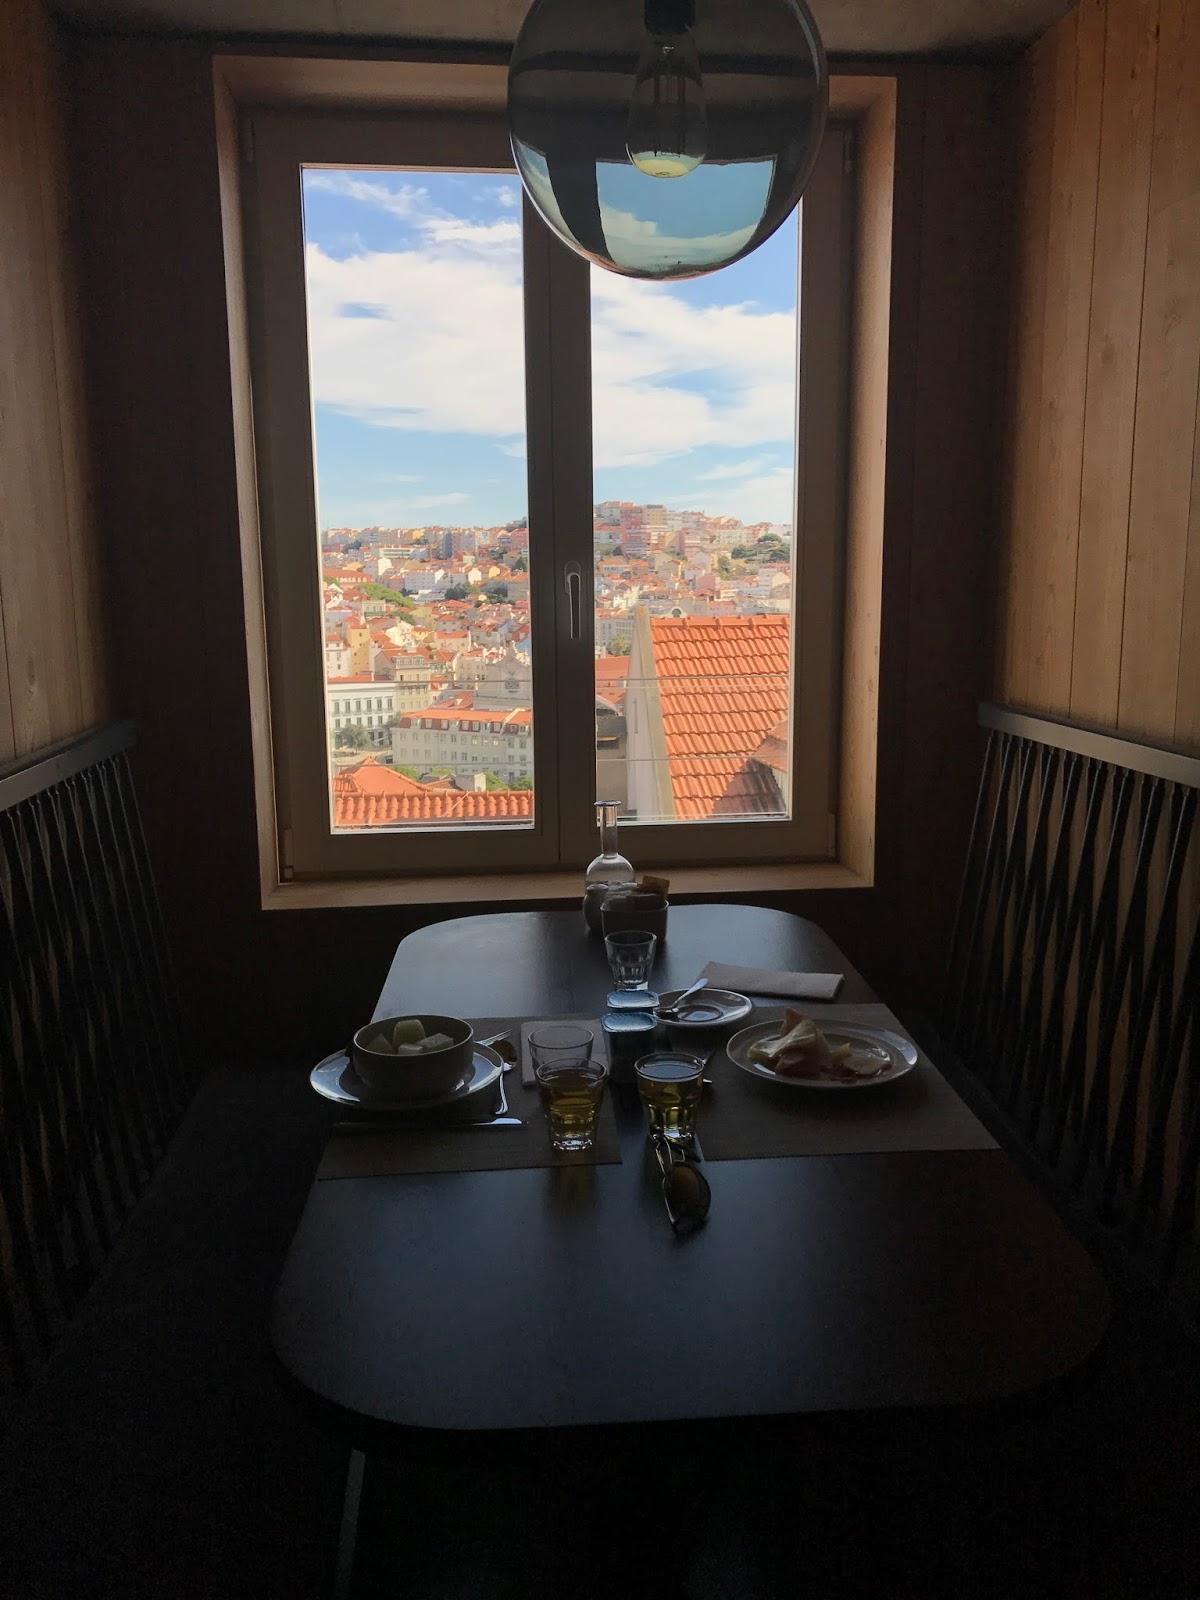 Lisboa Pessoa Hotel, Lisbon, Lux Hotels, Travel, Tbloggers, travel blogger, boutique, hotel, Weekend break, city break, view, breakfast